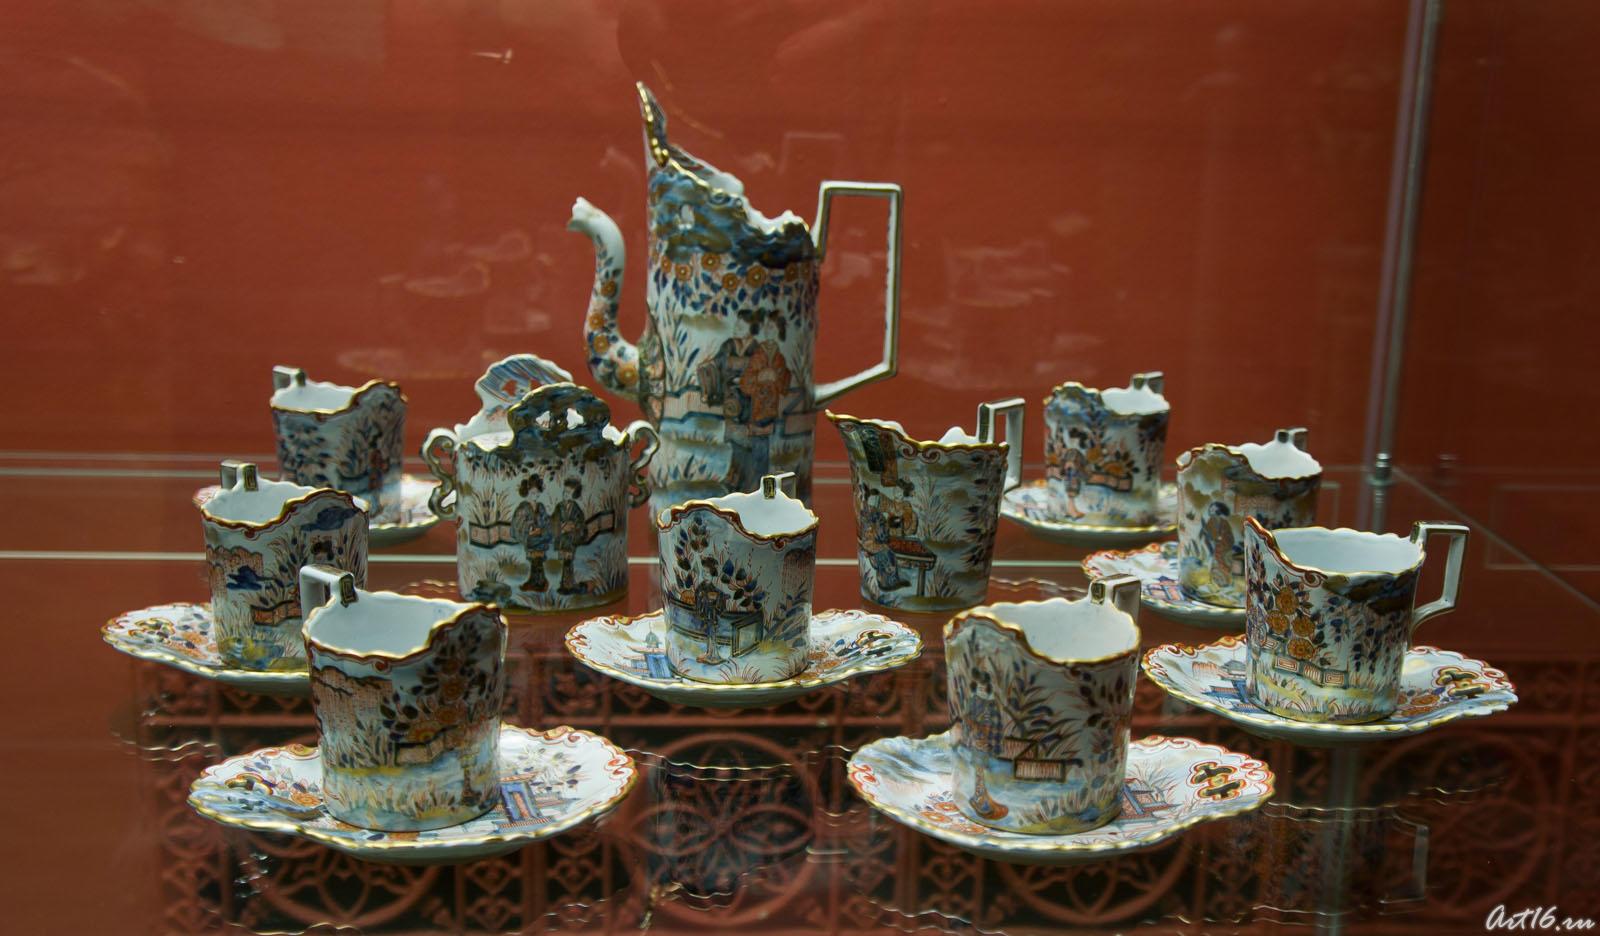 Чайный сервиз в японском стиле, Эмиль Галле (1864-1904) Сен Клемен::Фаянс Галле и школа Нанси